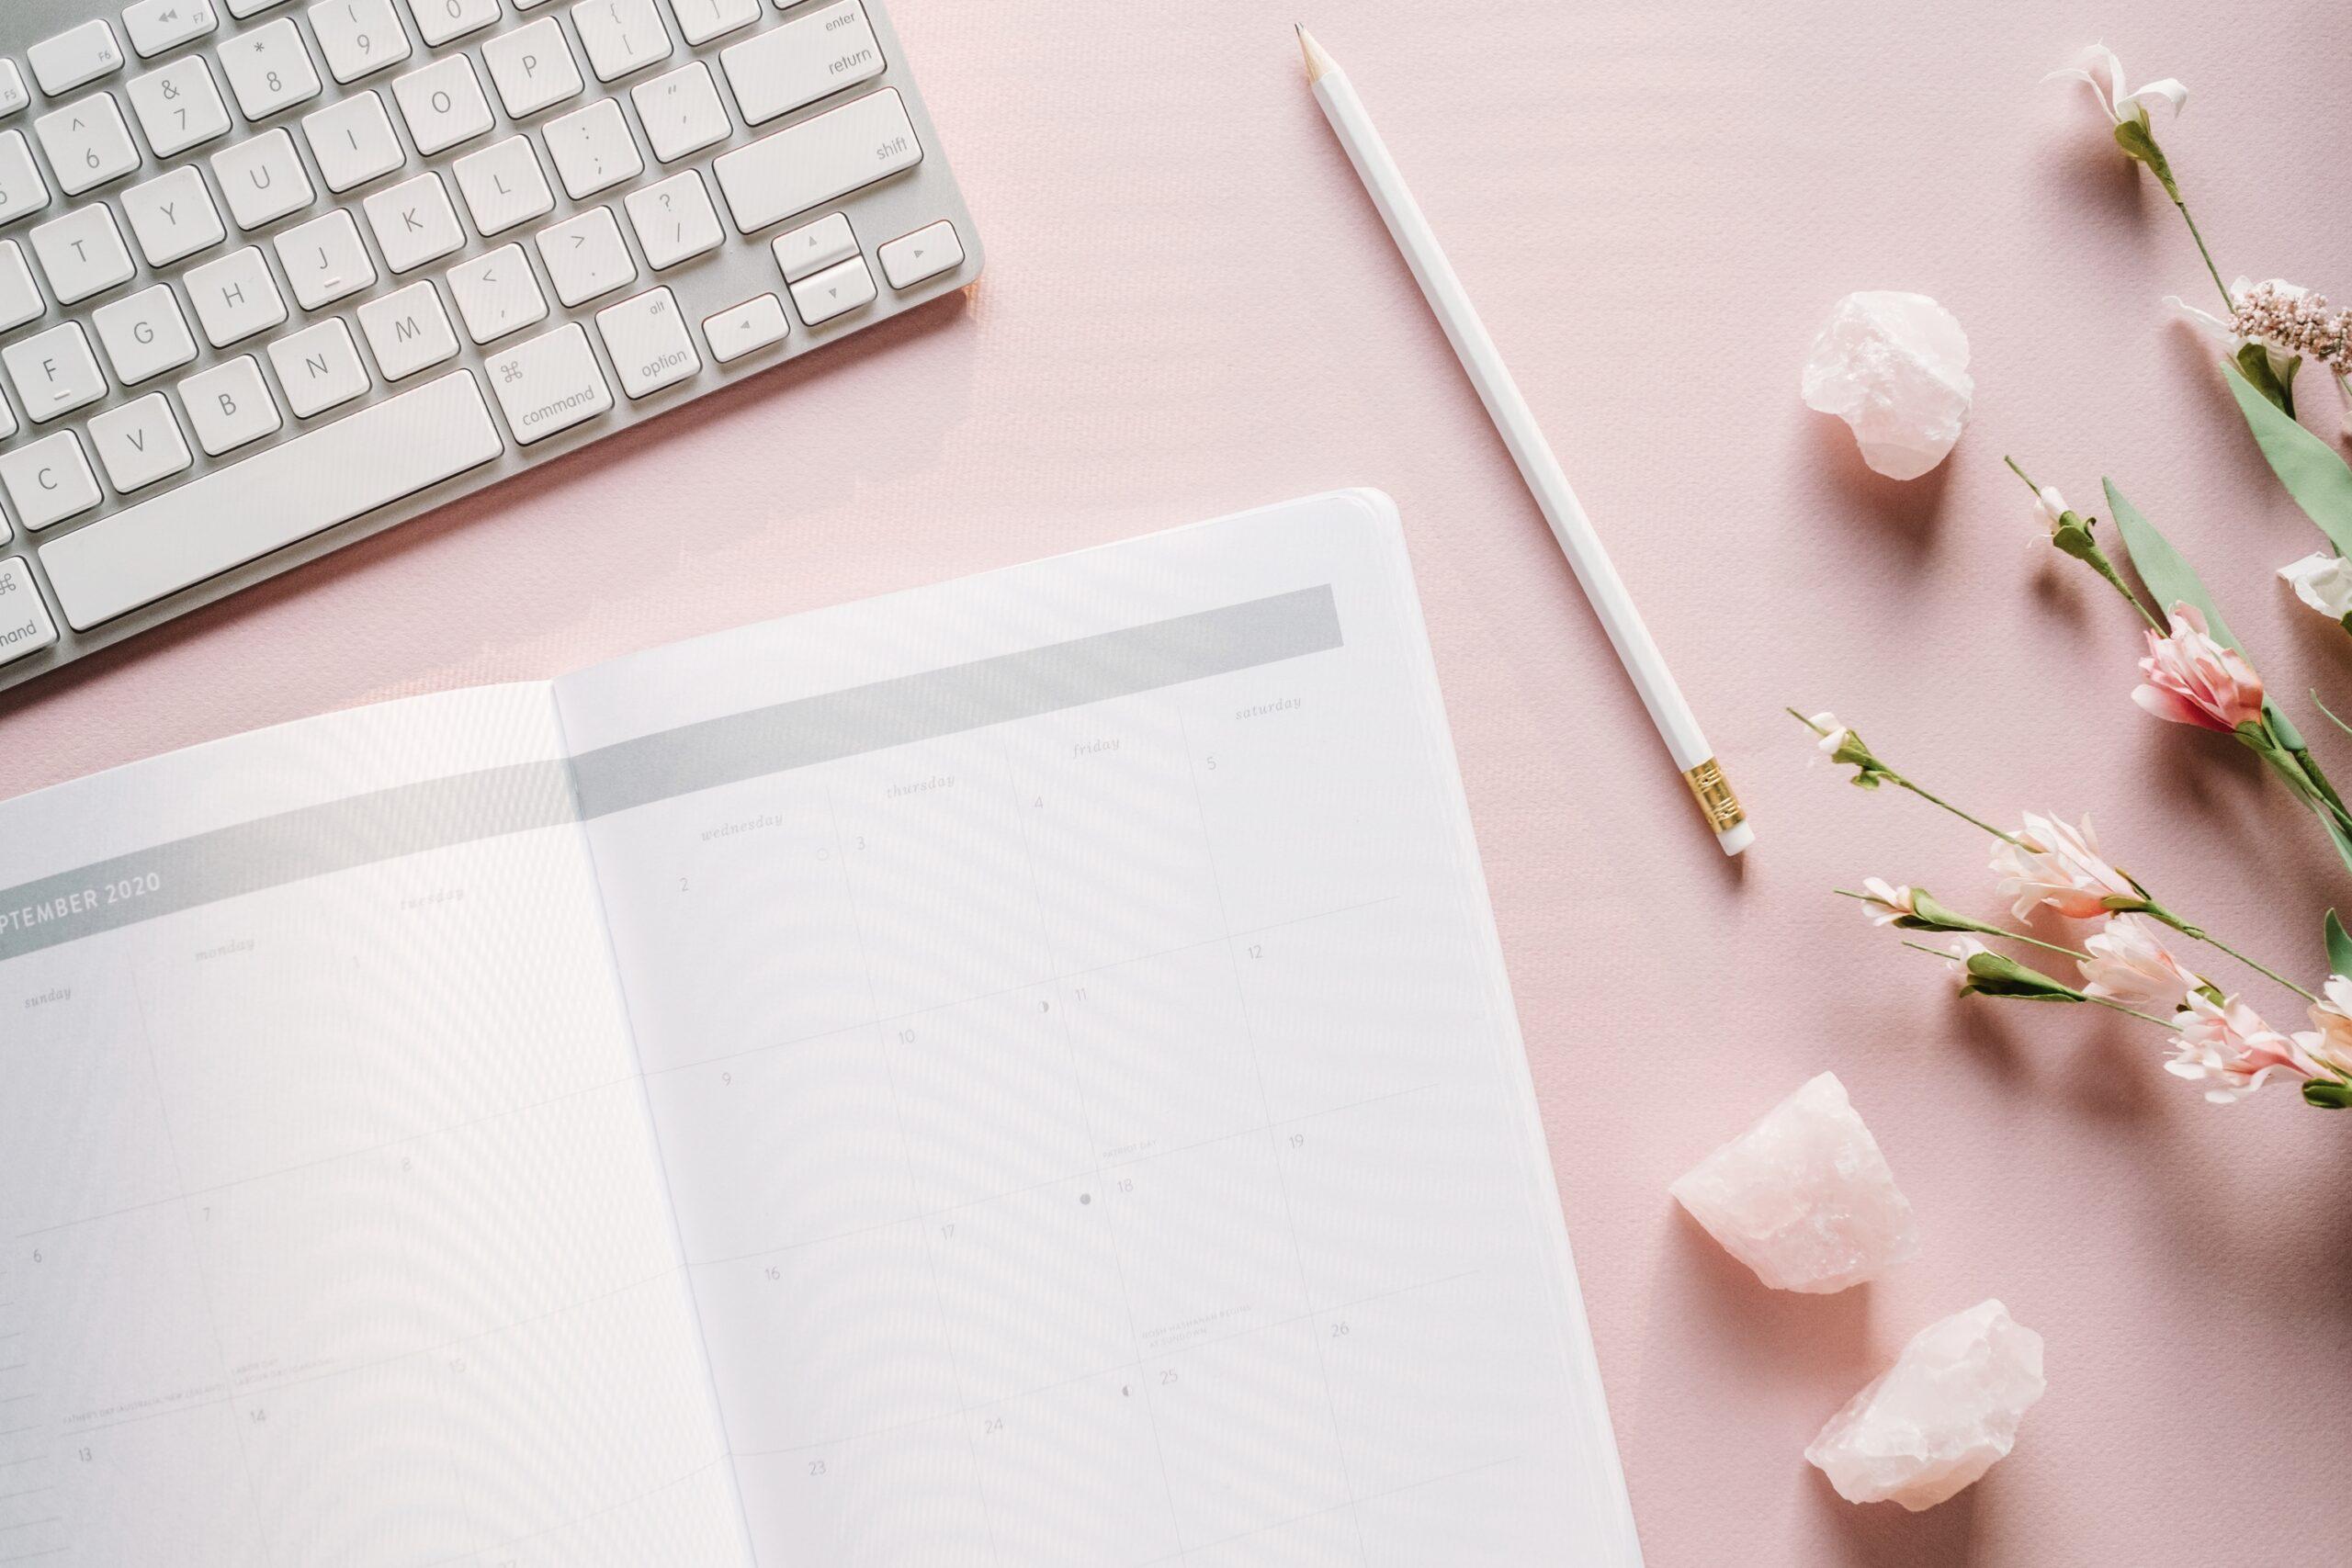 Online business succes